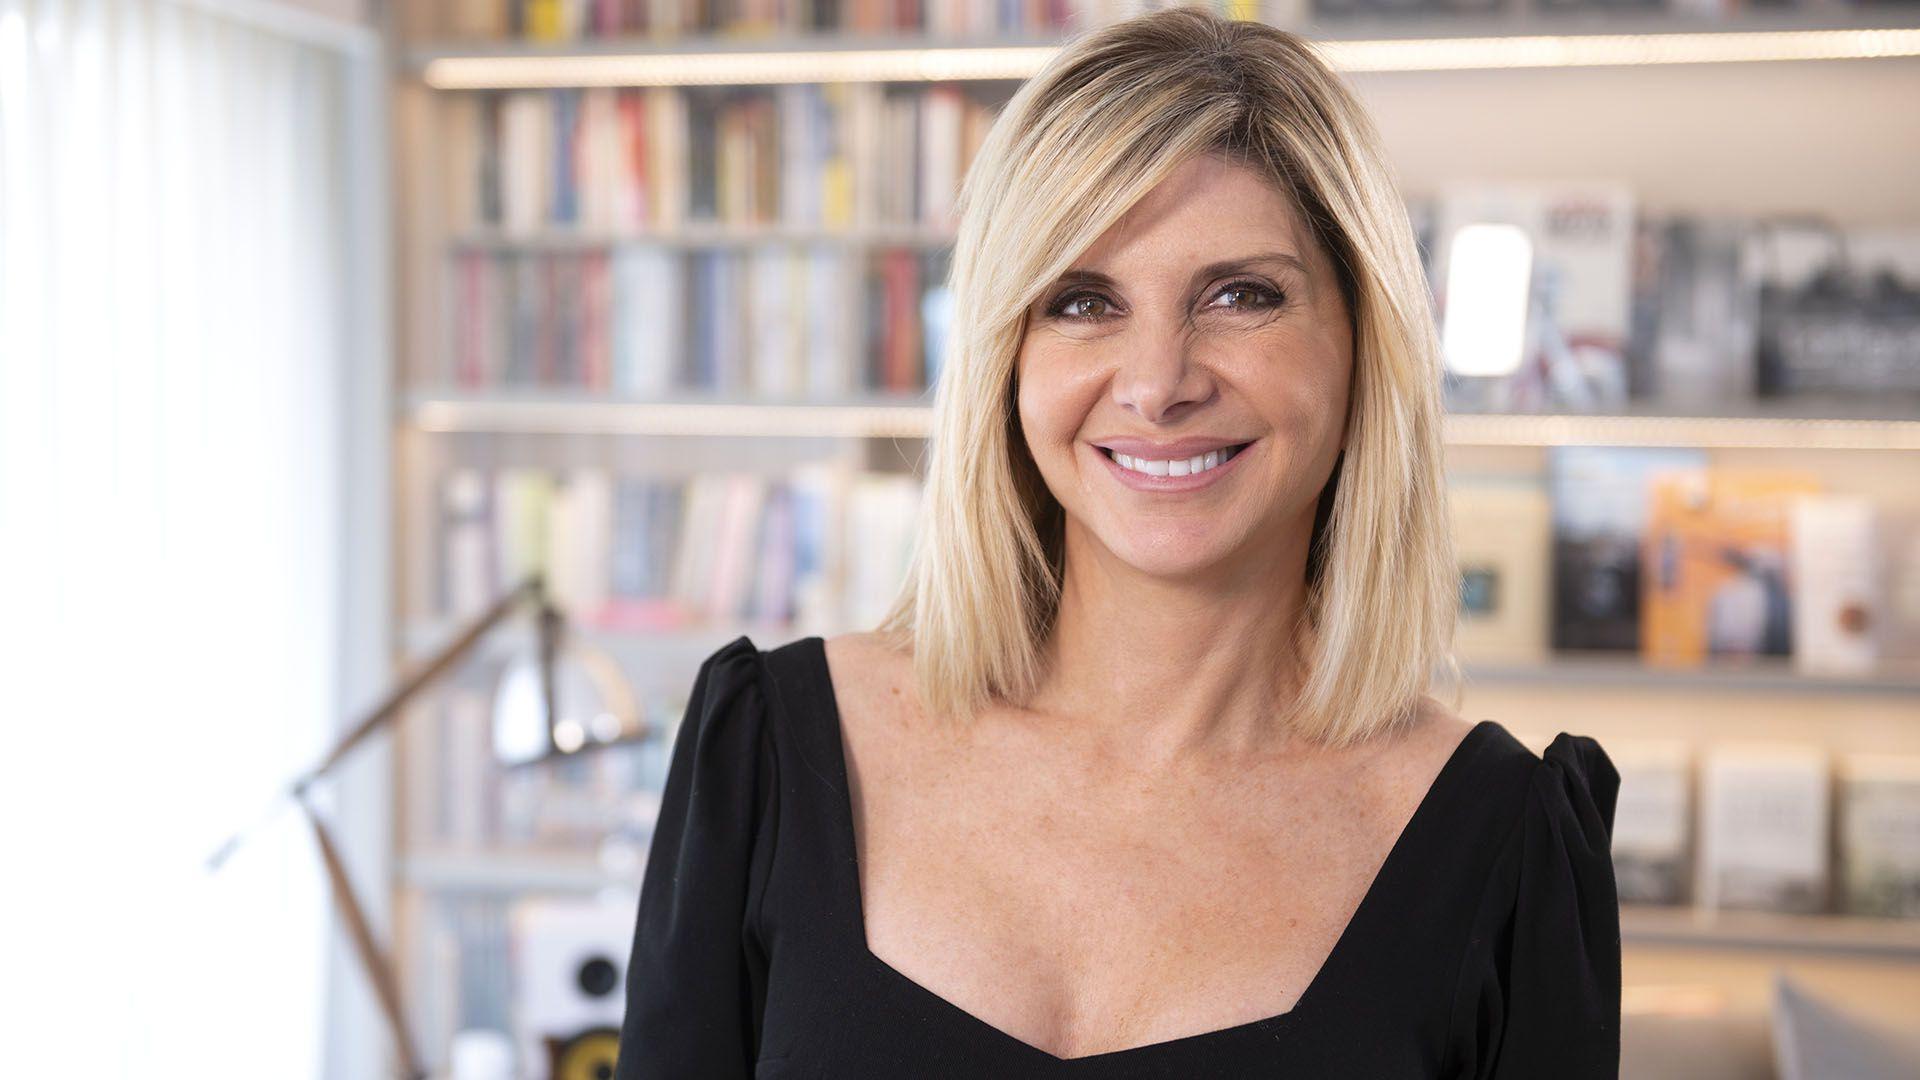 Entrevista a Debora Plager